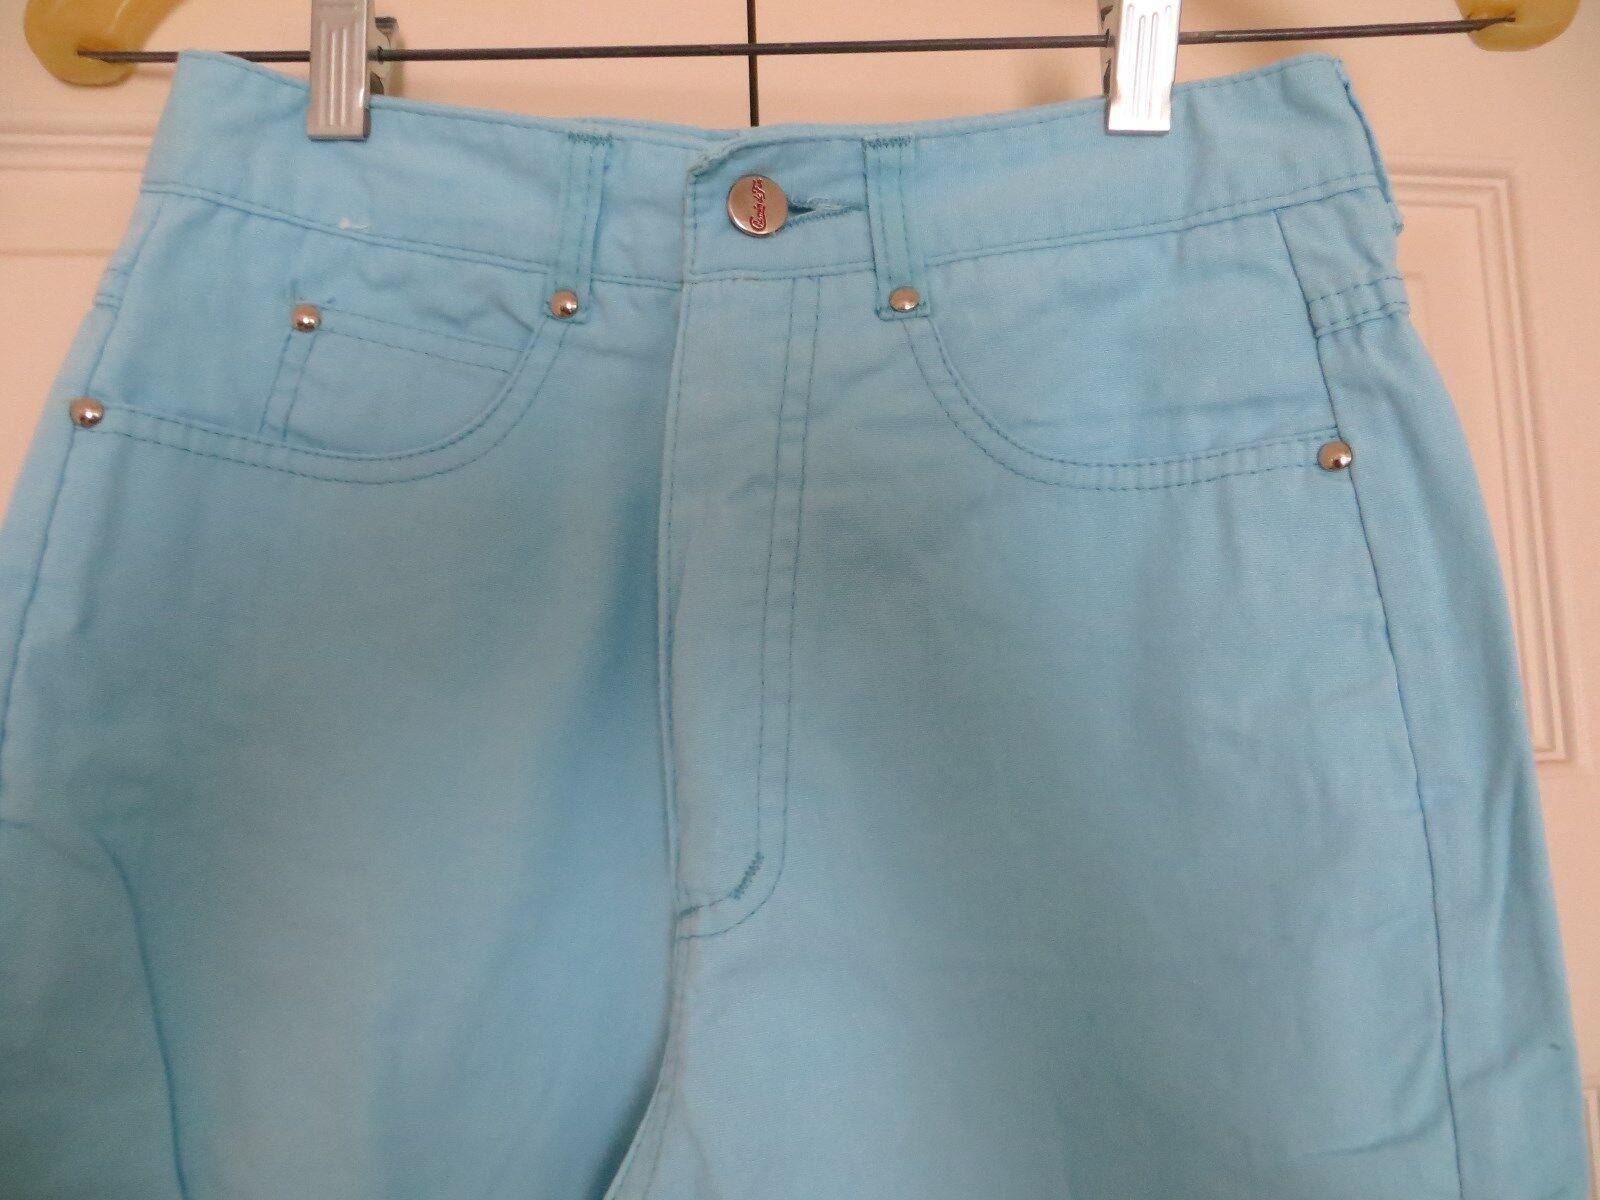 womans skinny jeans pants blue cotton 31/28 Chemi… - image 2